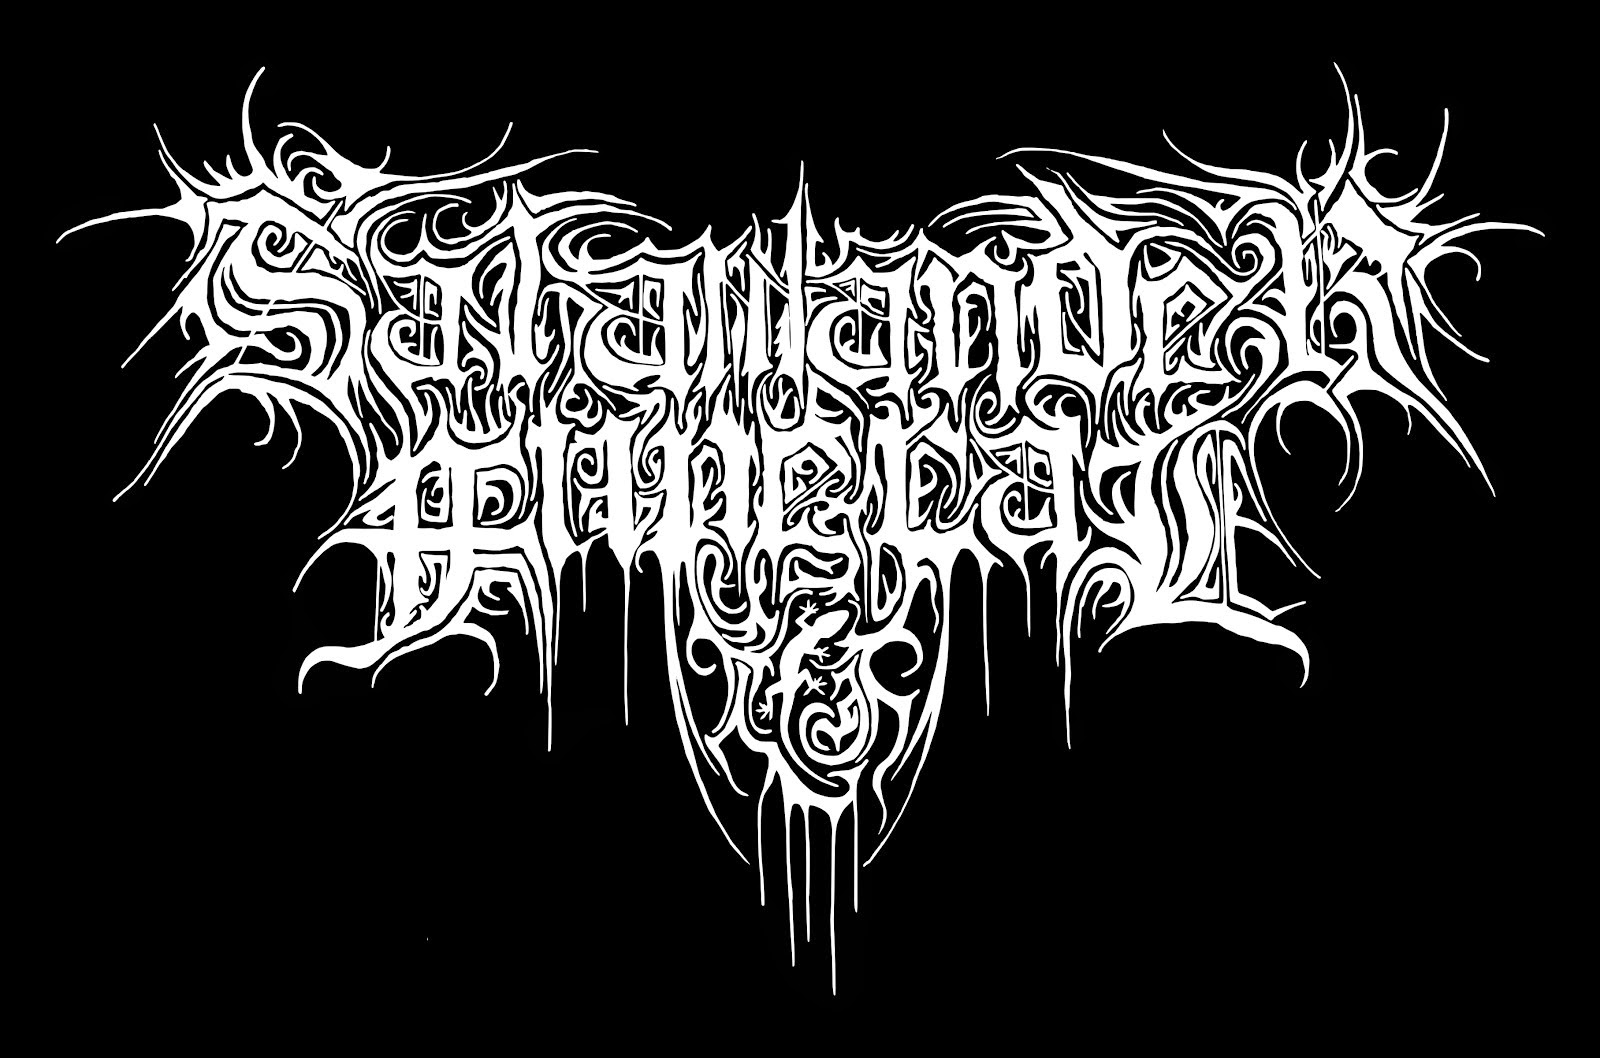 Salamander Funeral logo 2015